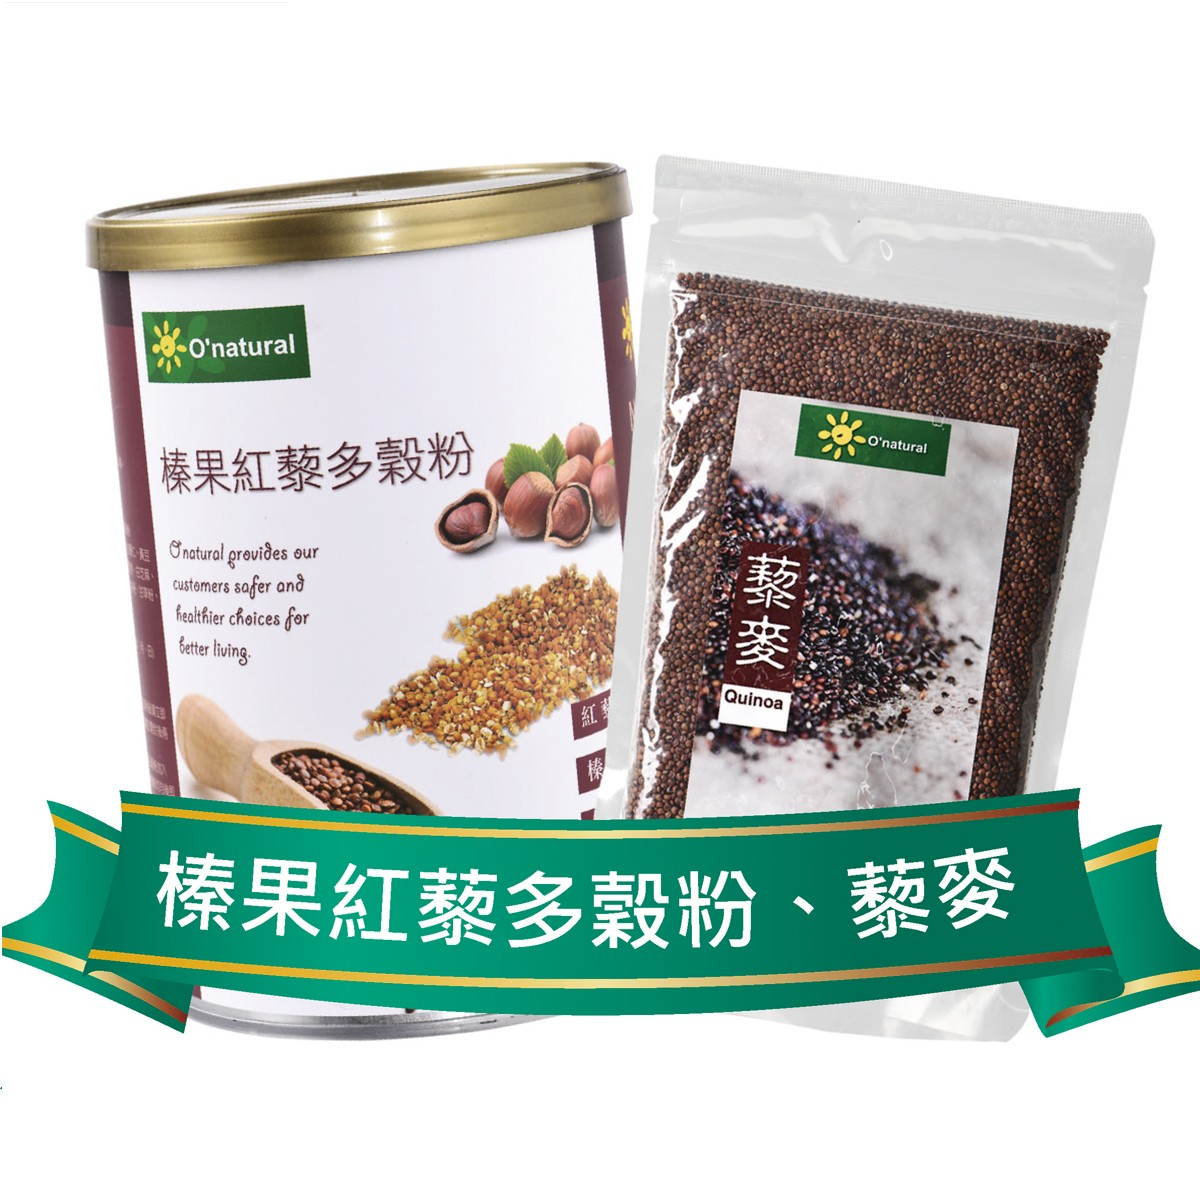 穀物 沖泡 歐納丘 靈活飲食好健康 (穀粉+藜麥)